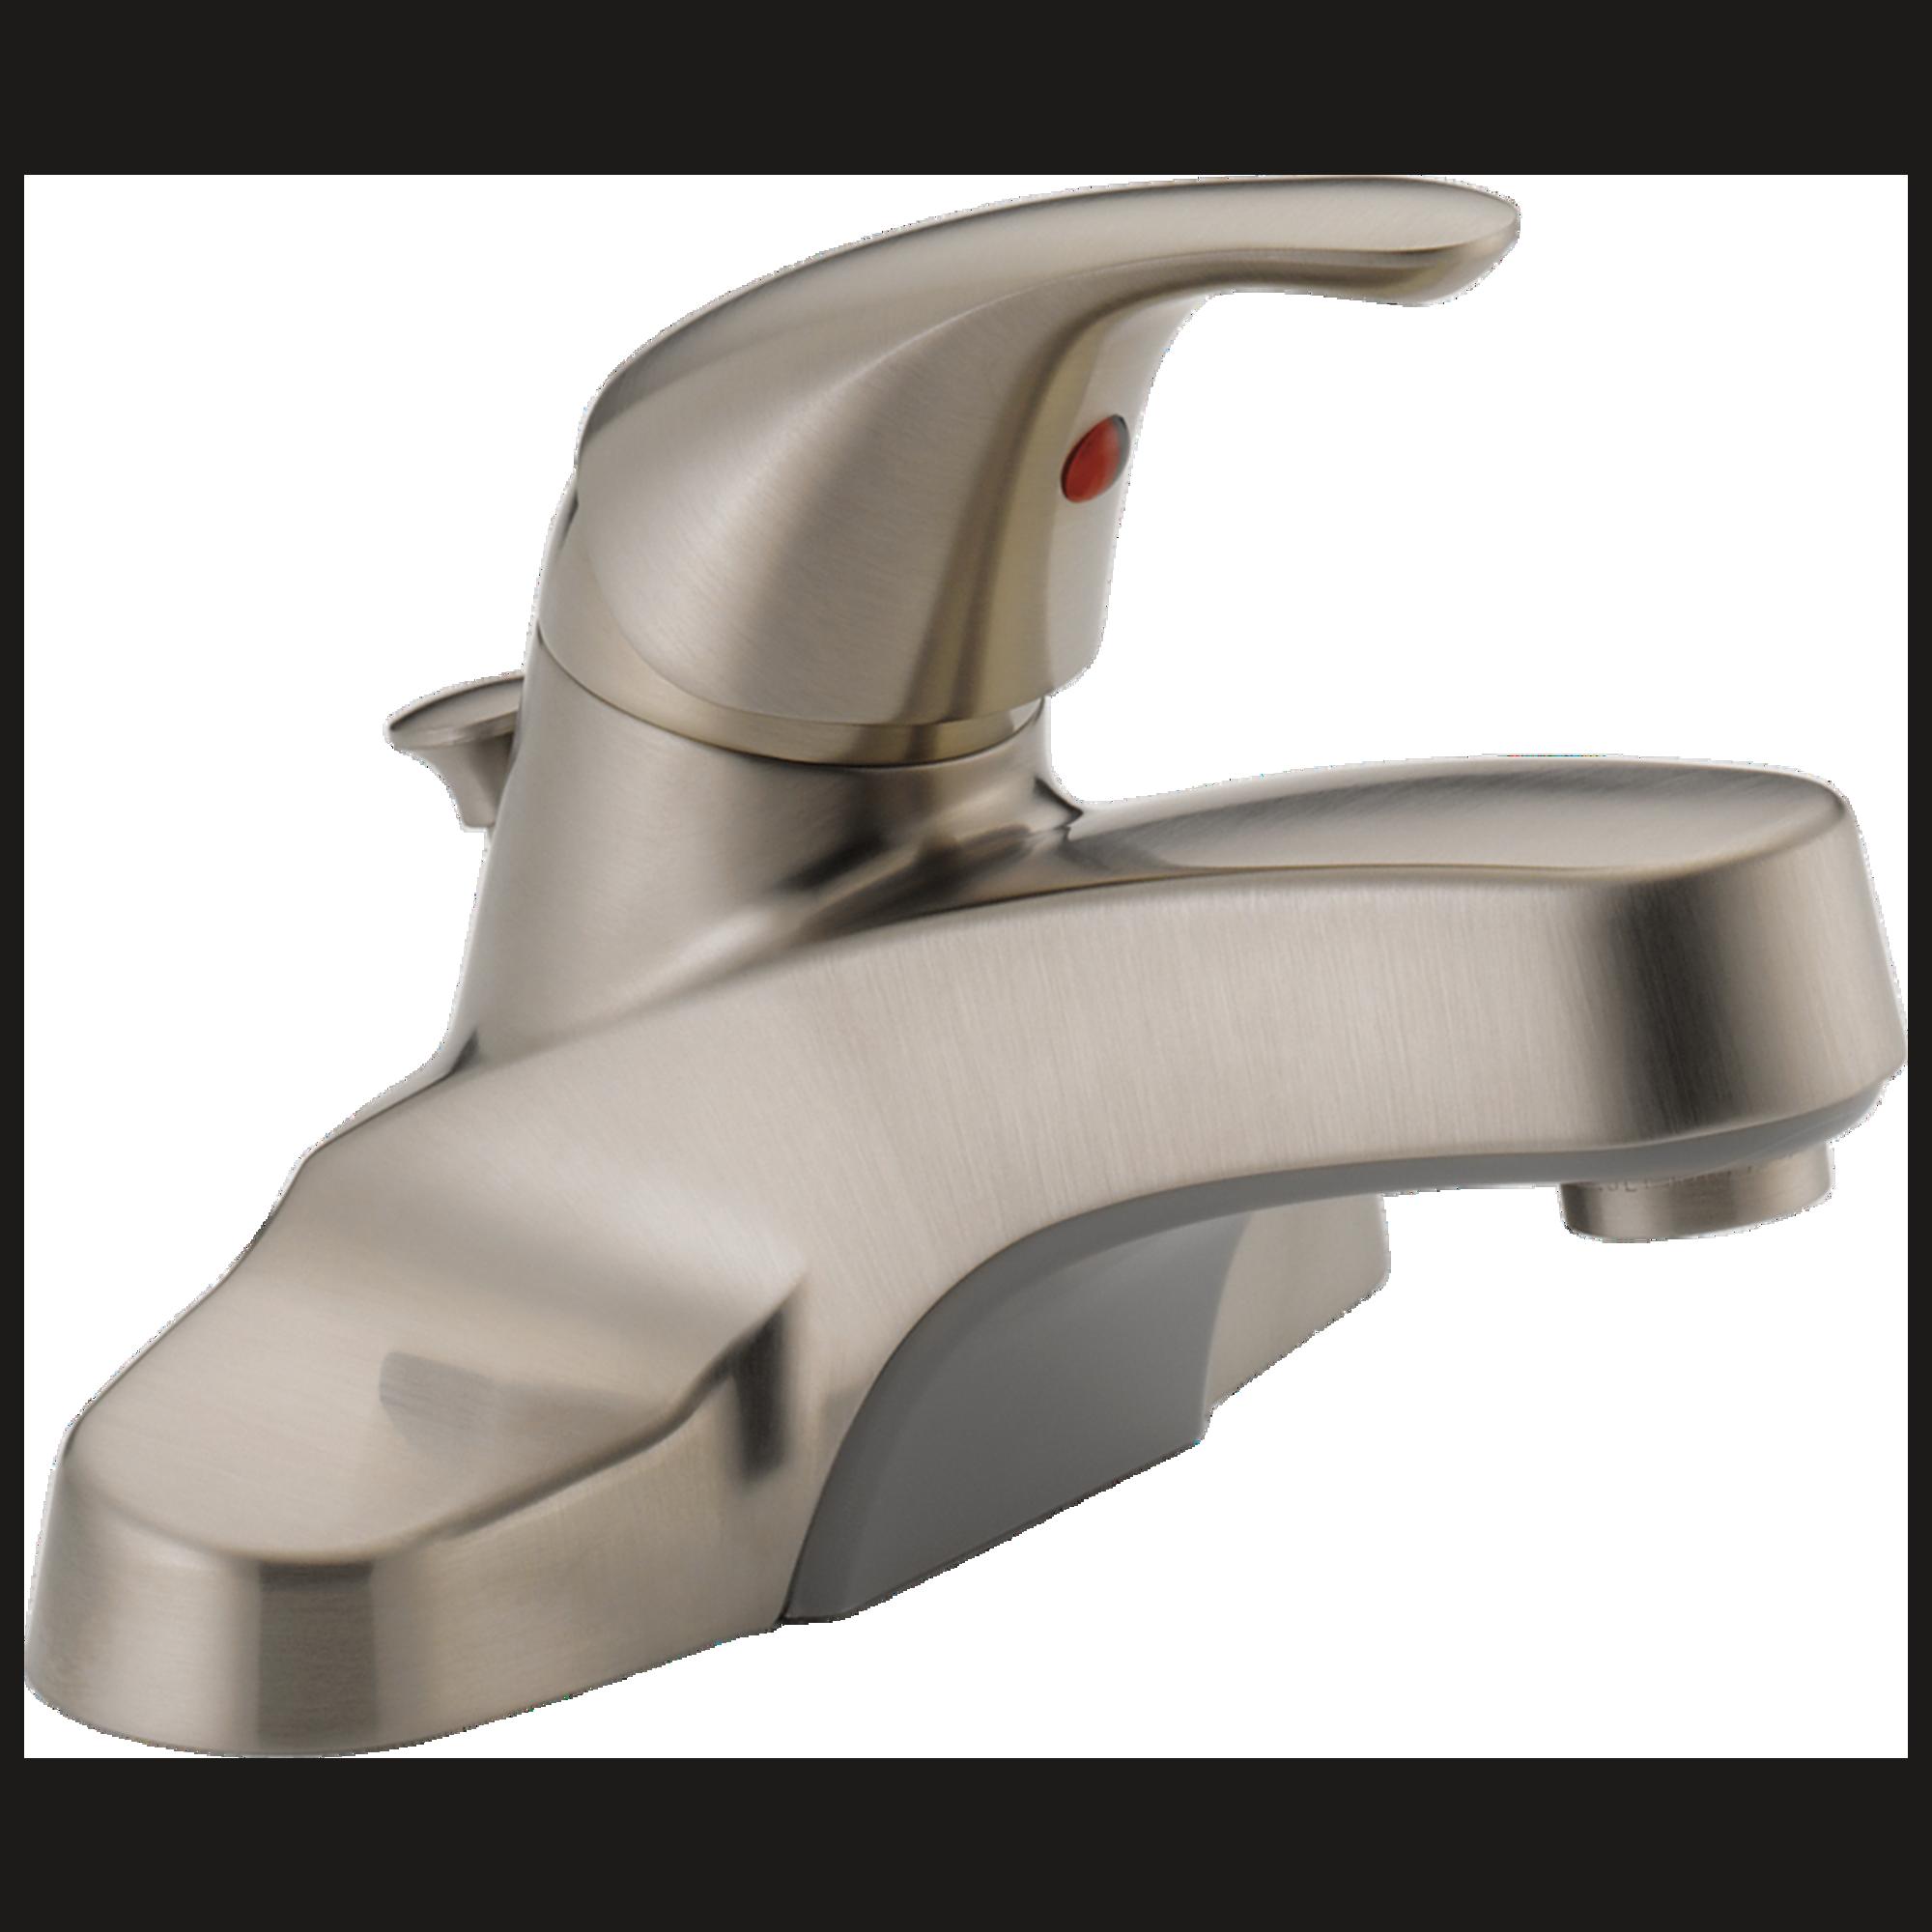 Peerless Bathroom Faucets: Peerless-P136LF-BN-M Classic, Single Handle Lavatory